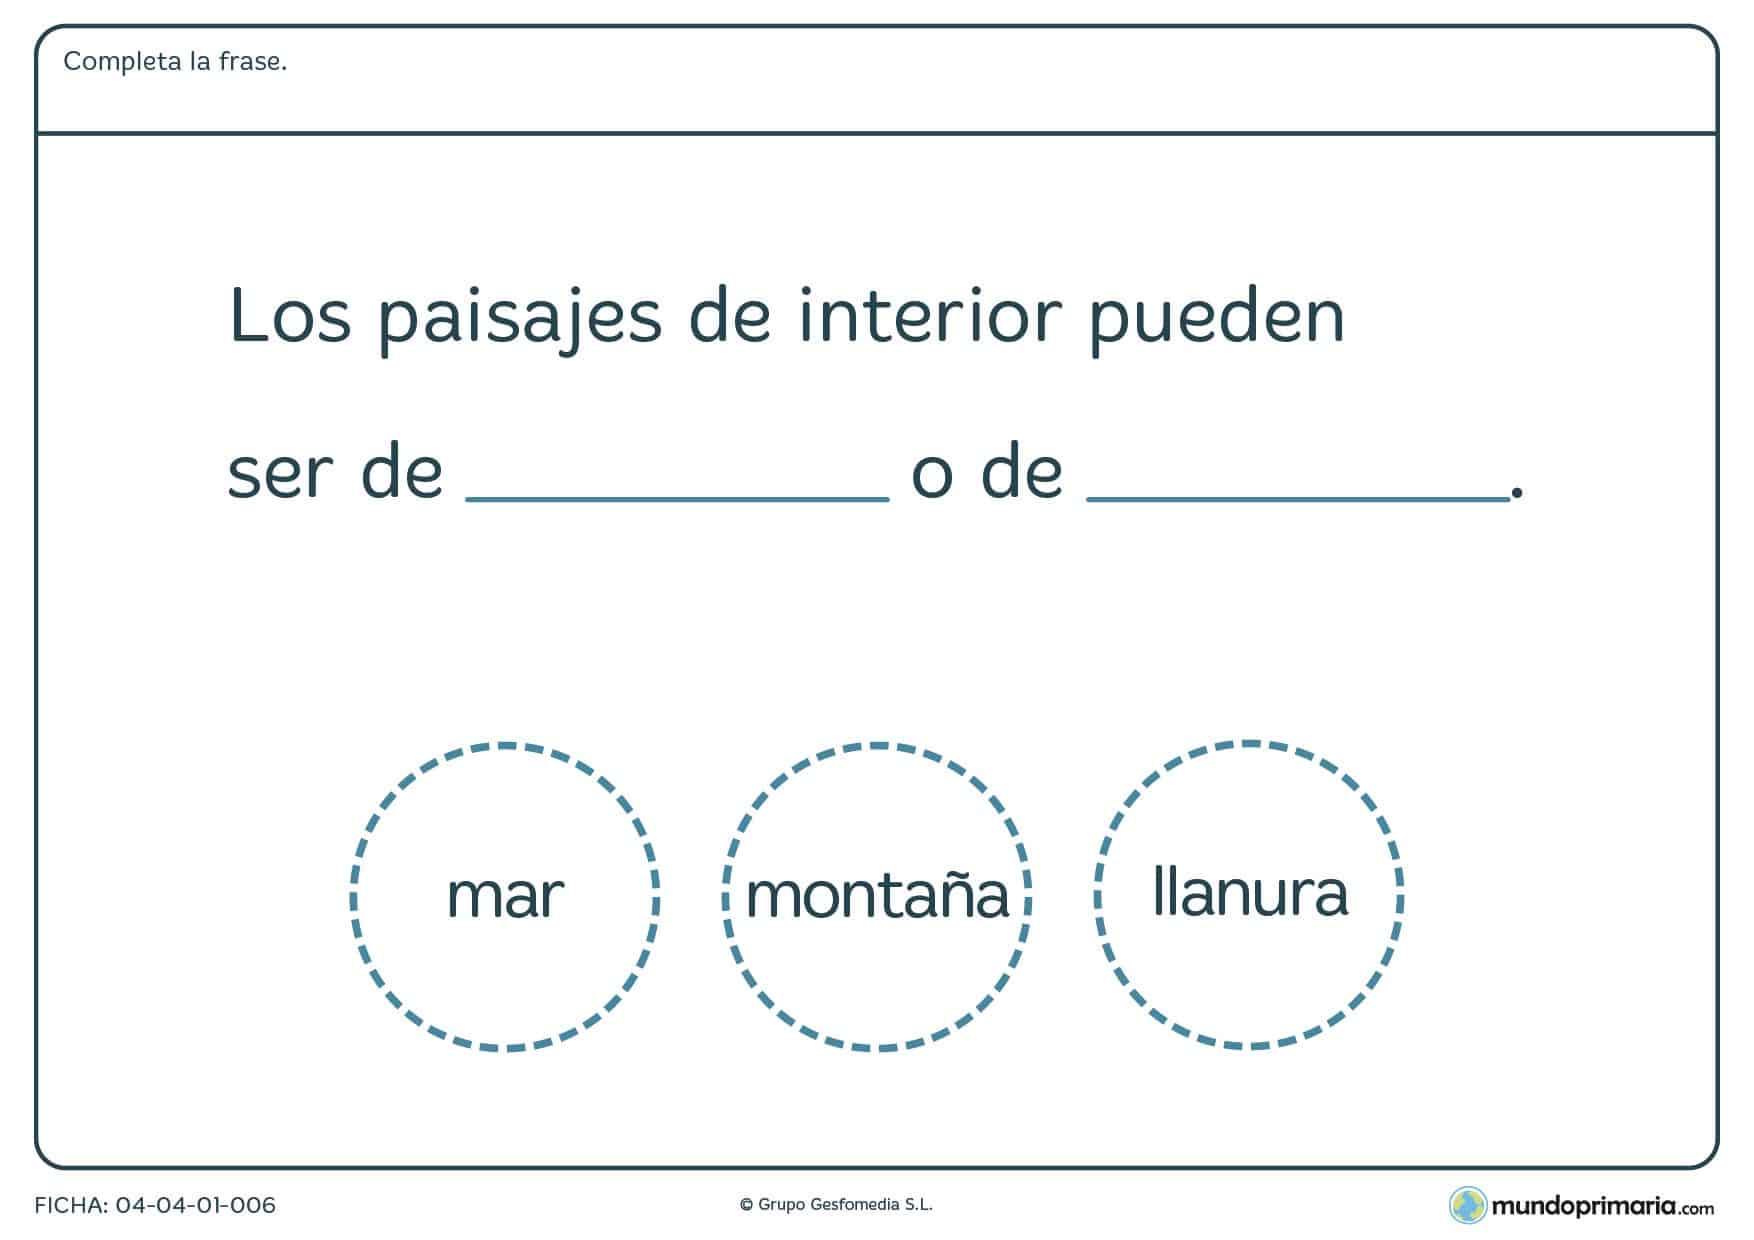 Ficha de paisajes de interios en la que hay que completas la frase con las palabras de diferentes paisajes proporcionadas.